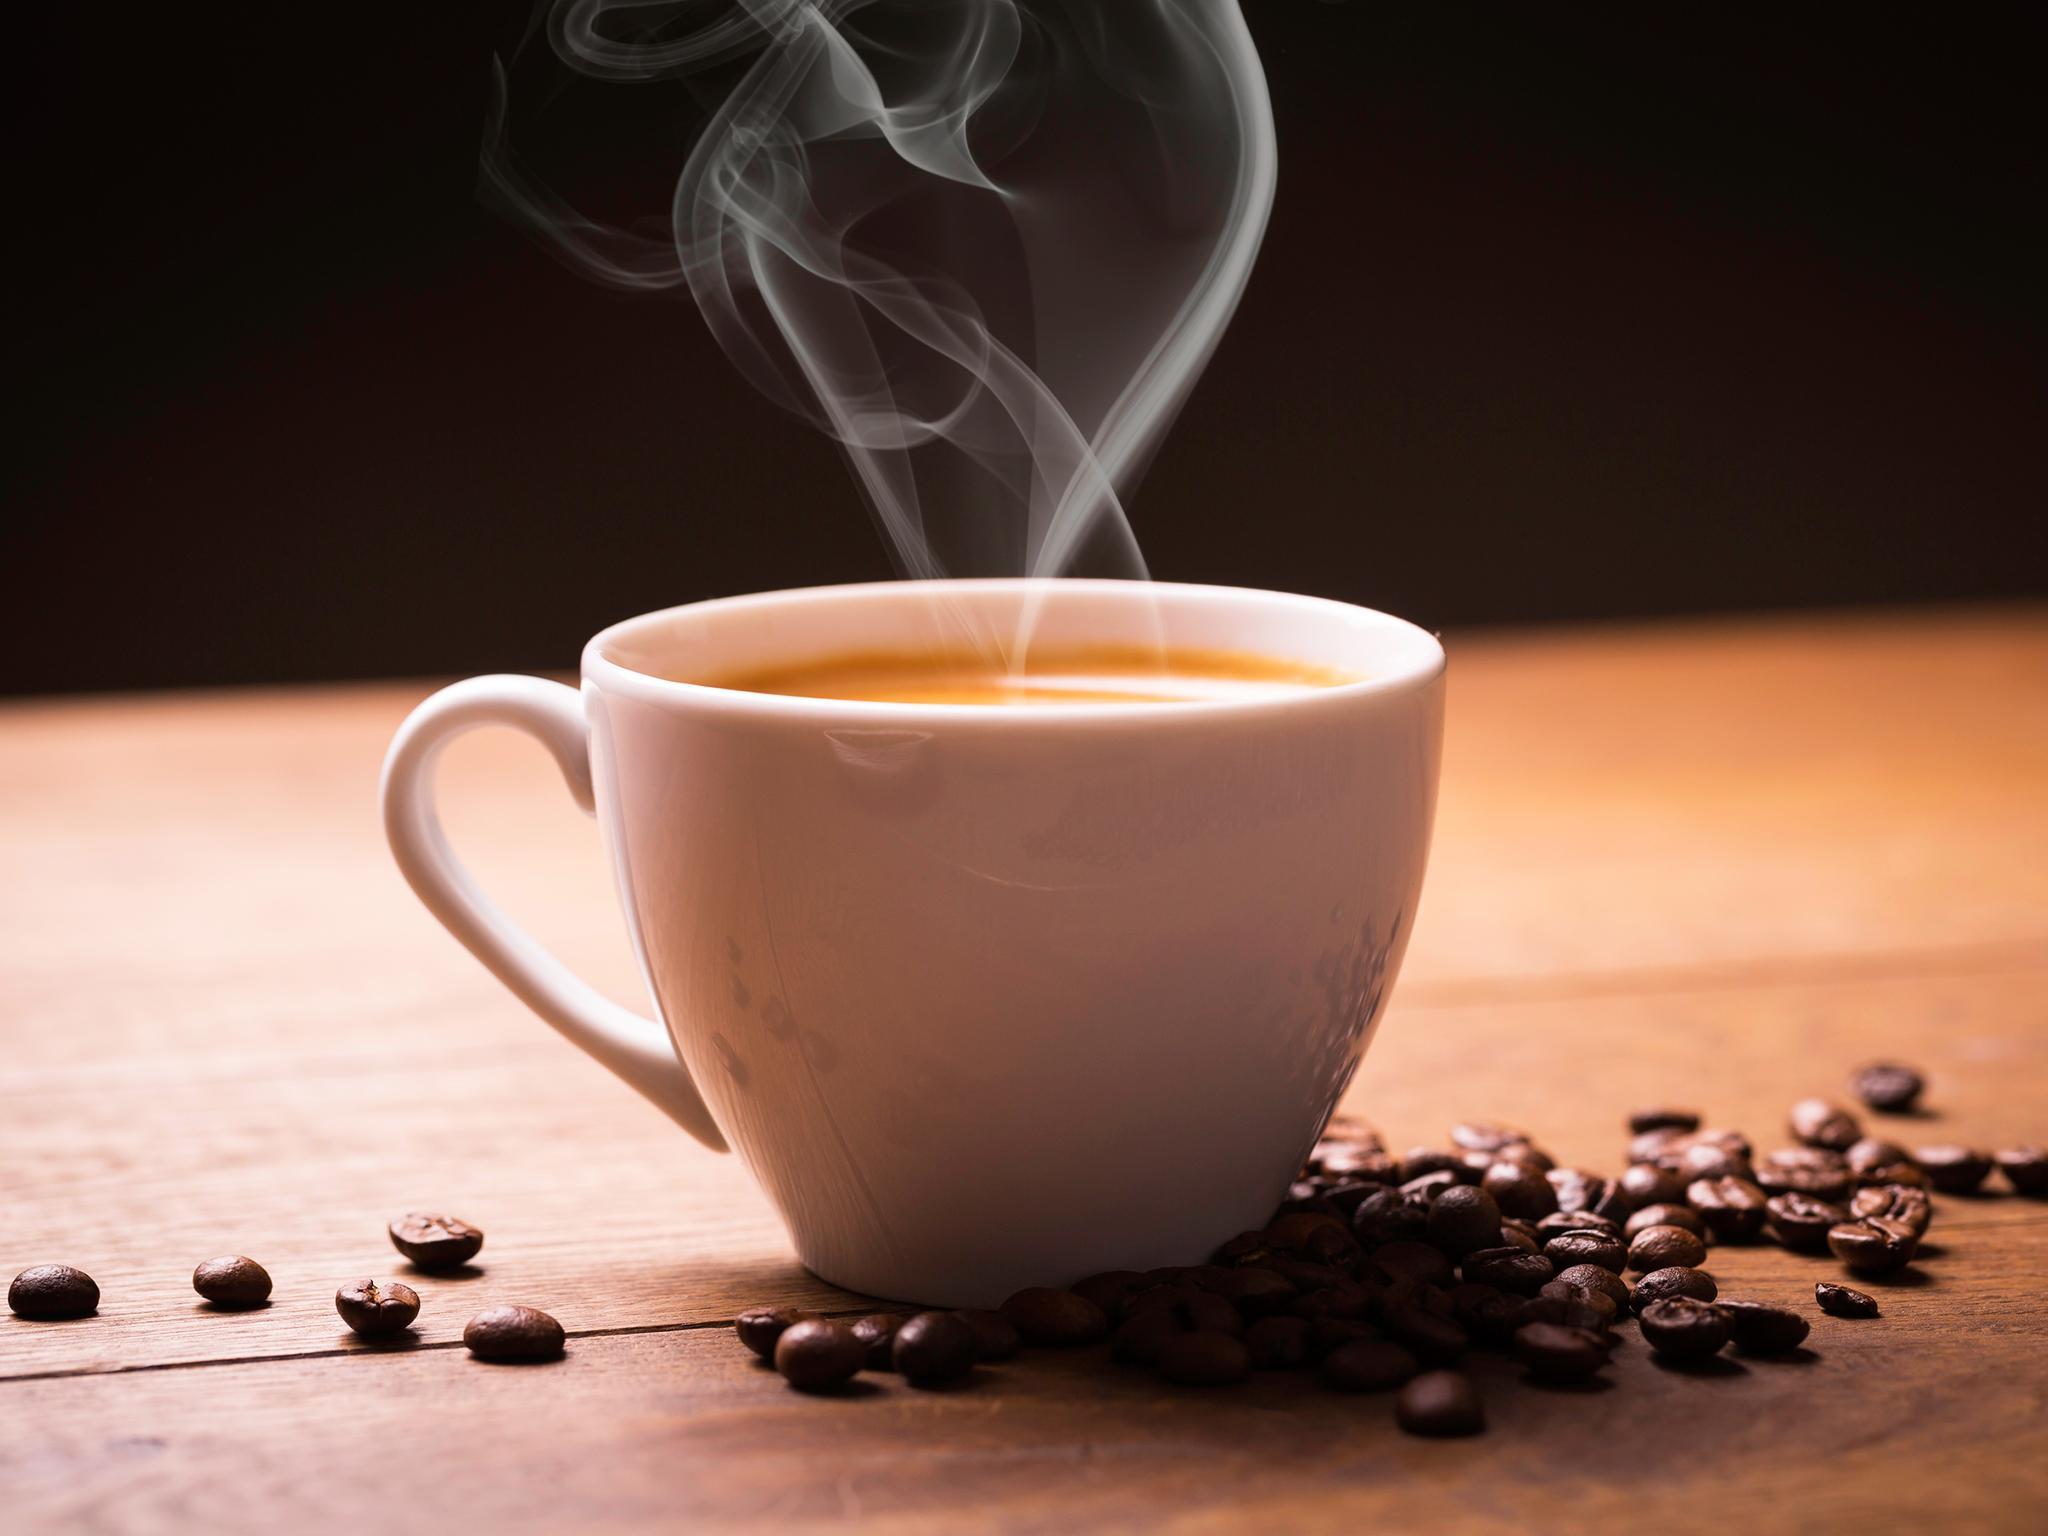 تاثیرات مفید قهوه برای بدن